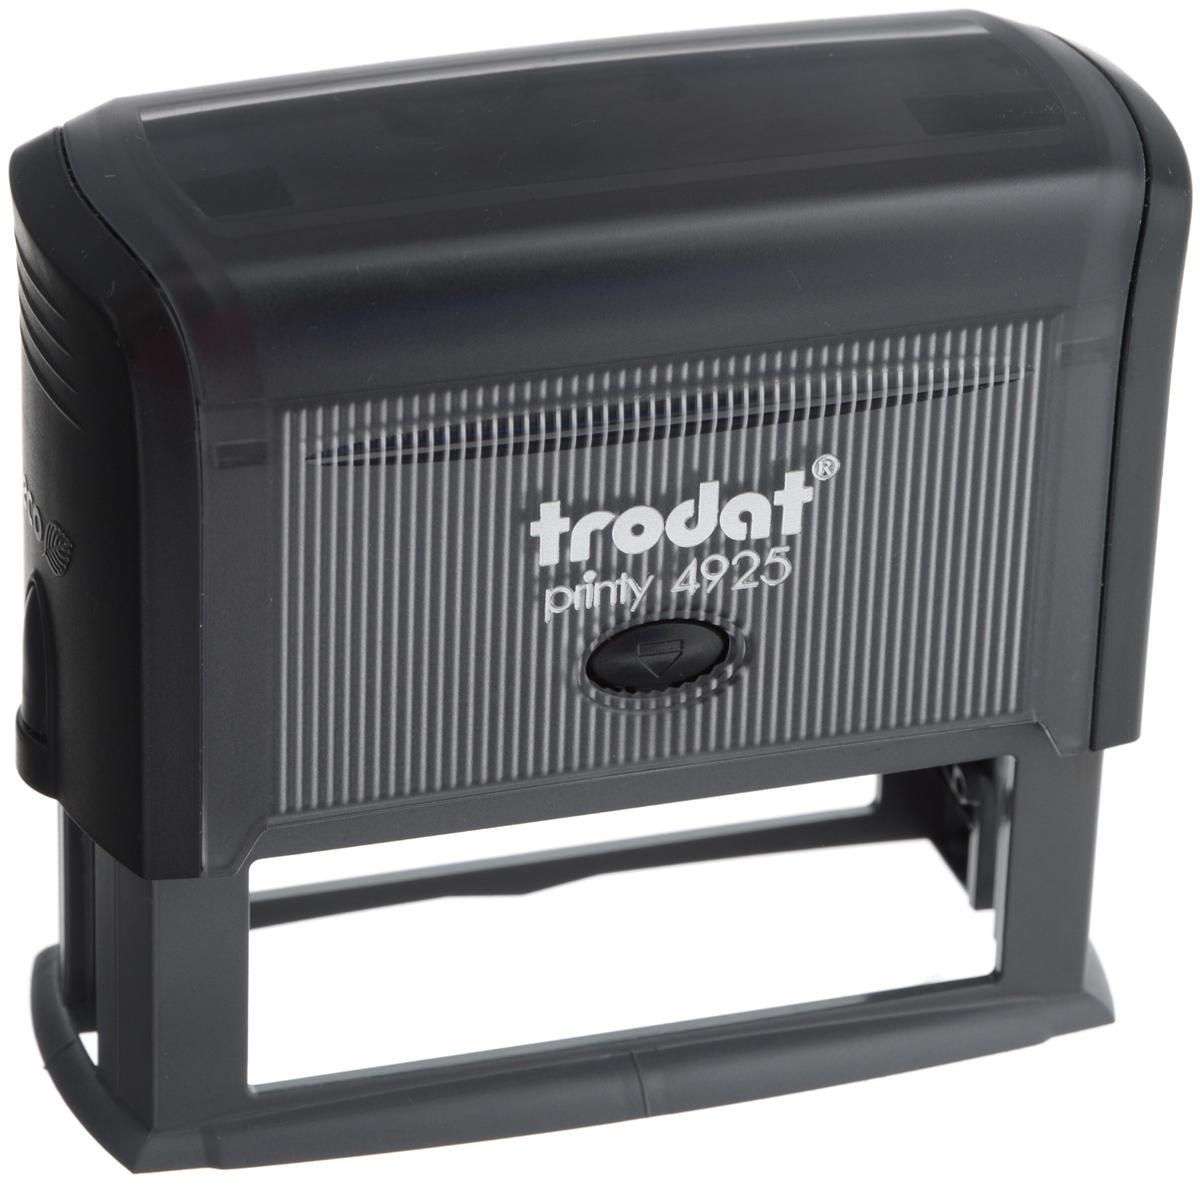 TrodatОснастка для штампа 82 х 25 мм Trodat